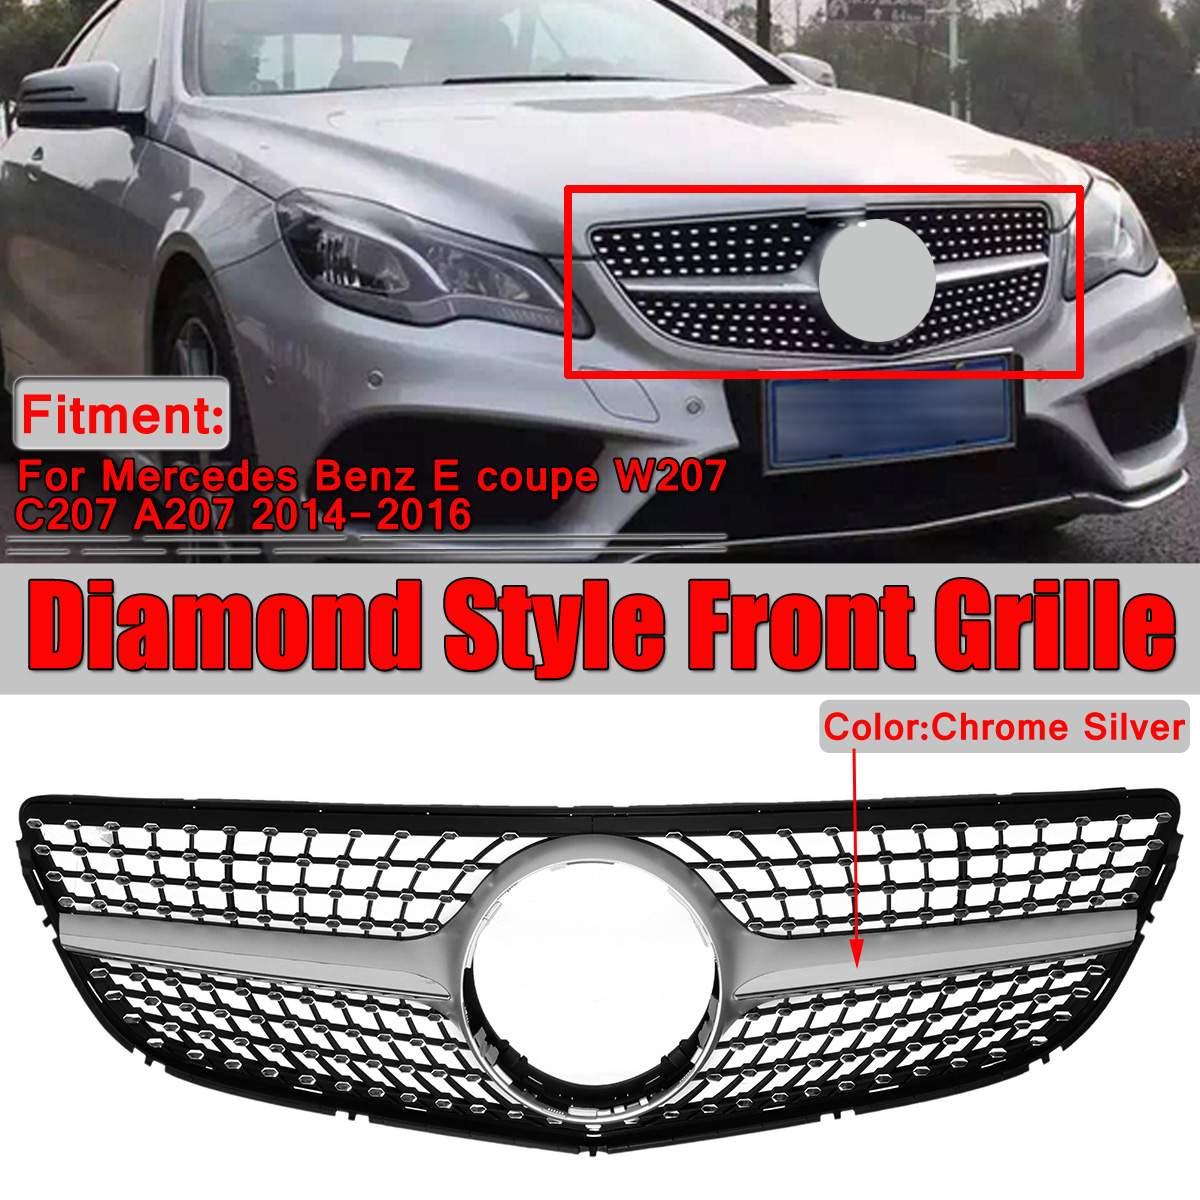 Cromo W207 C207 A207 Diamante Grade Dianteira Do Carro Bumper Grill Grille Para Mercedes Benz E Para Coupe W207 C207 a207 2014-2016